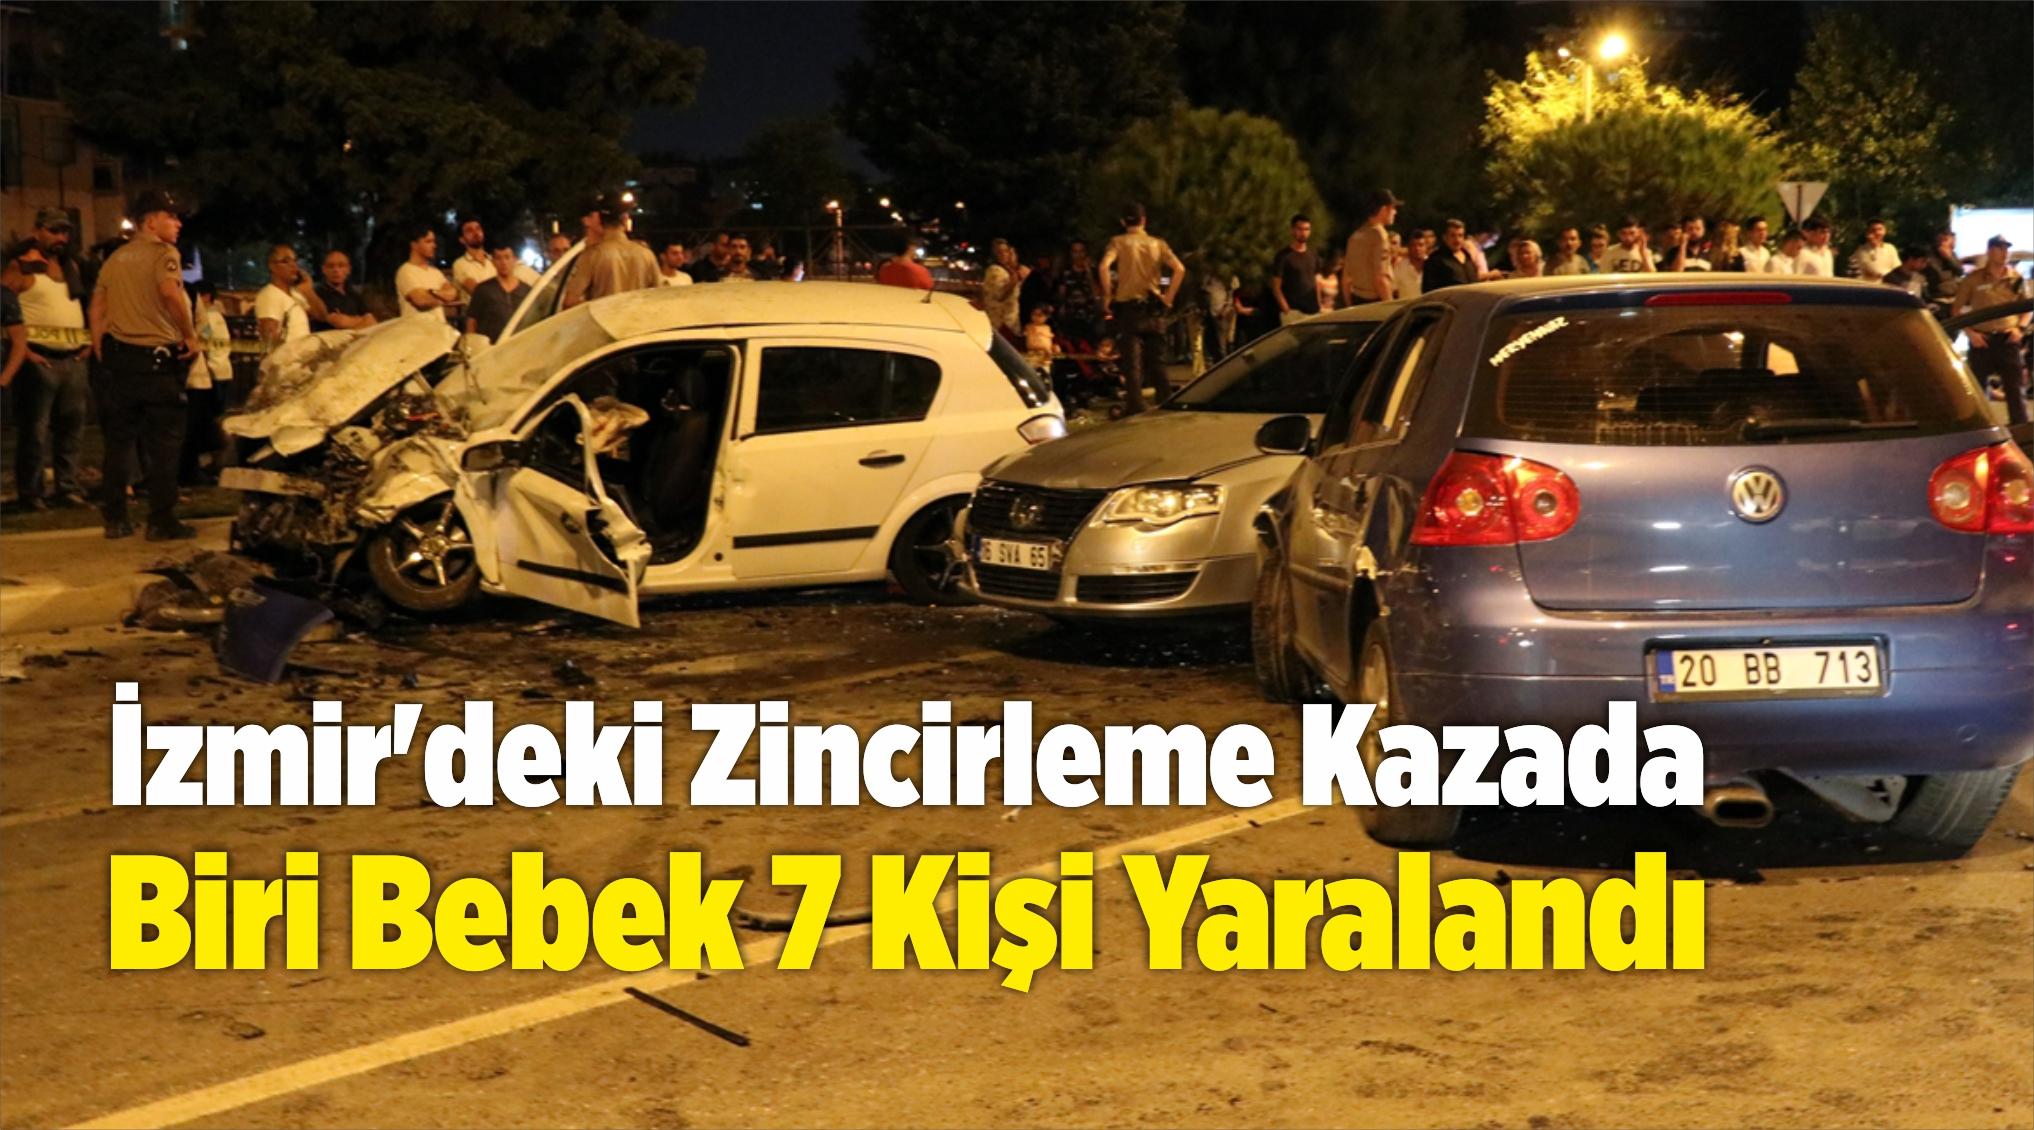 İzmir'deki Zincirleme Trafik Kazasında Biri Bebek 7 Kişi Yaralandı